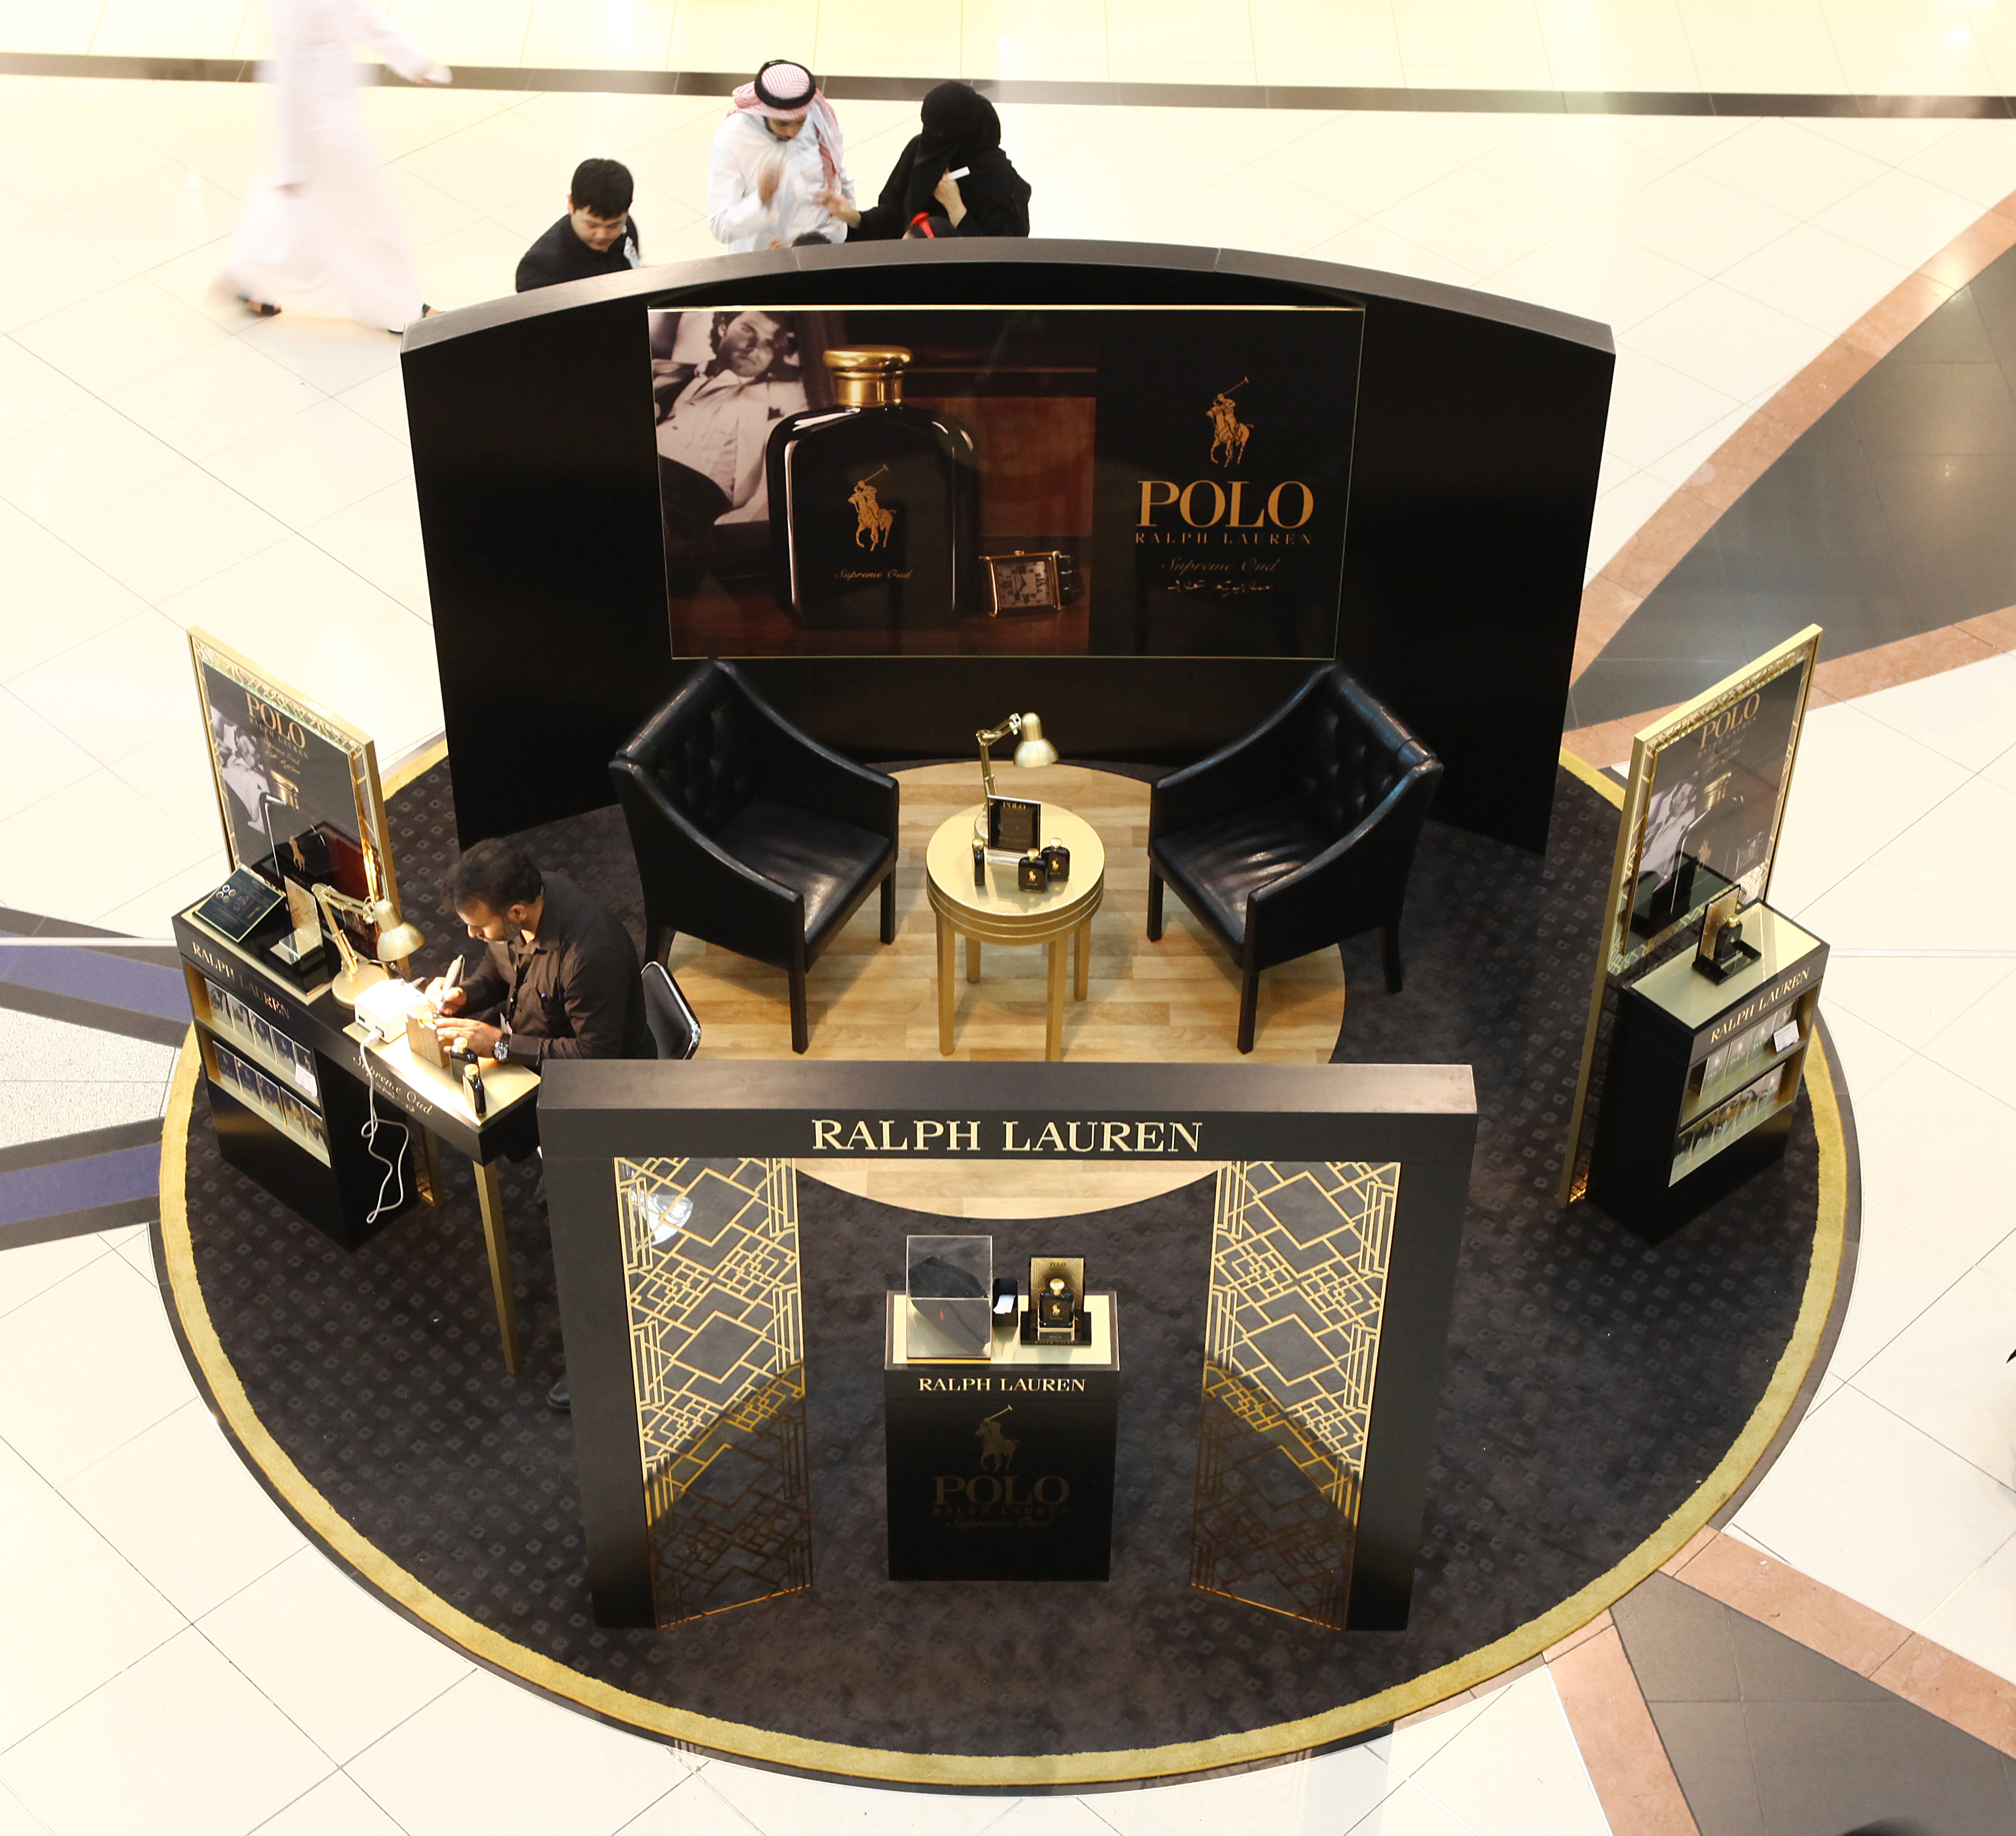 L 39 or al travel retail launches ralph lauren polo supreme oud in dubai Ralph lauren home furniture dubai